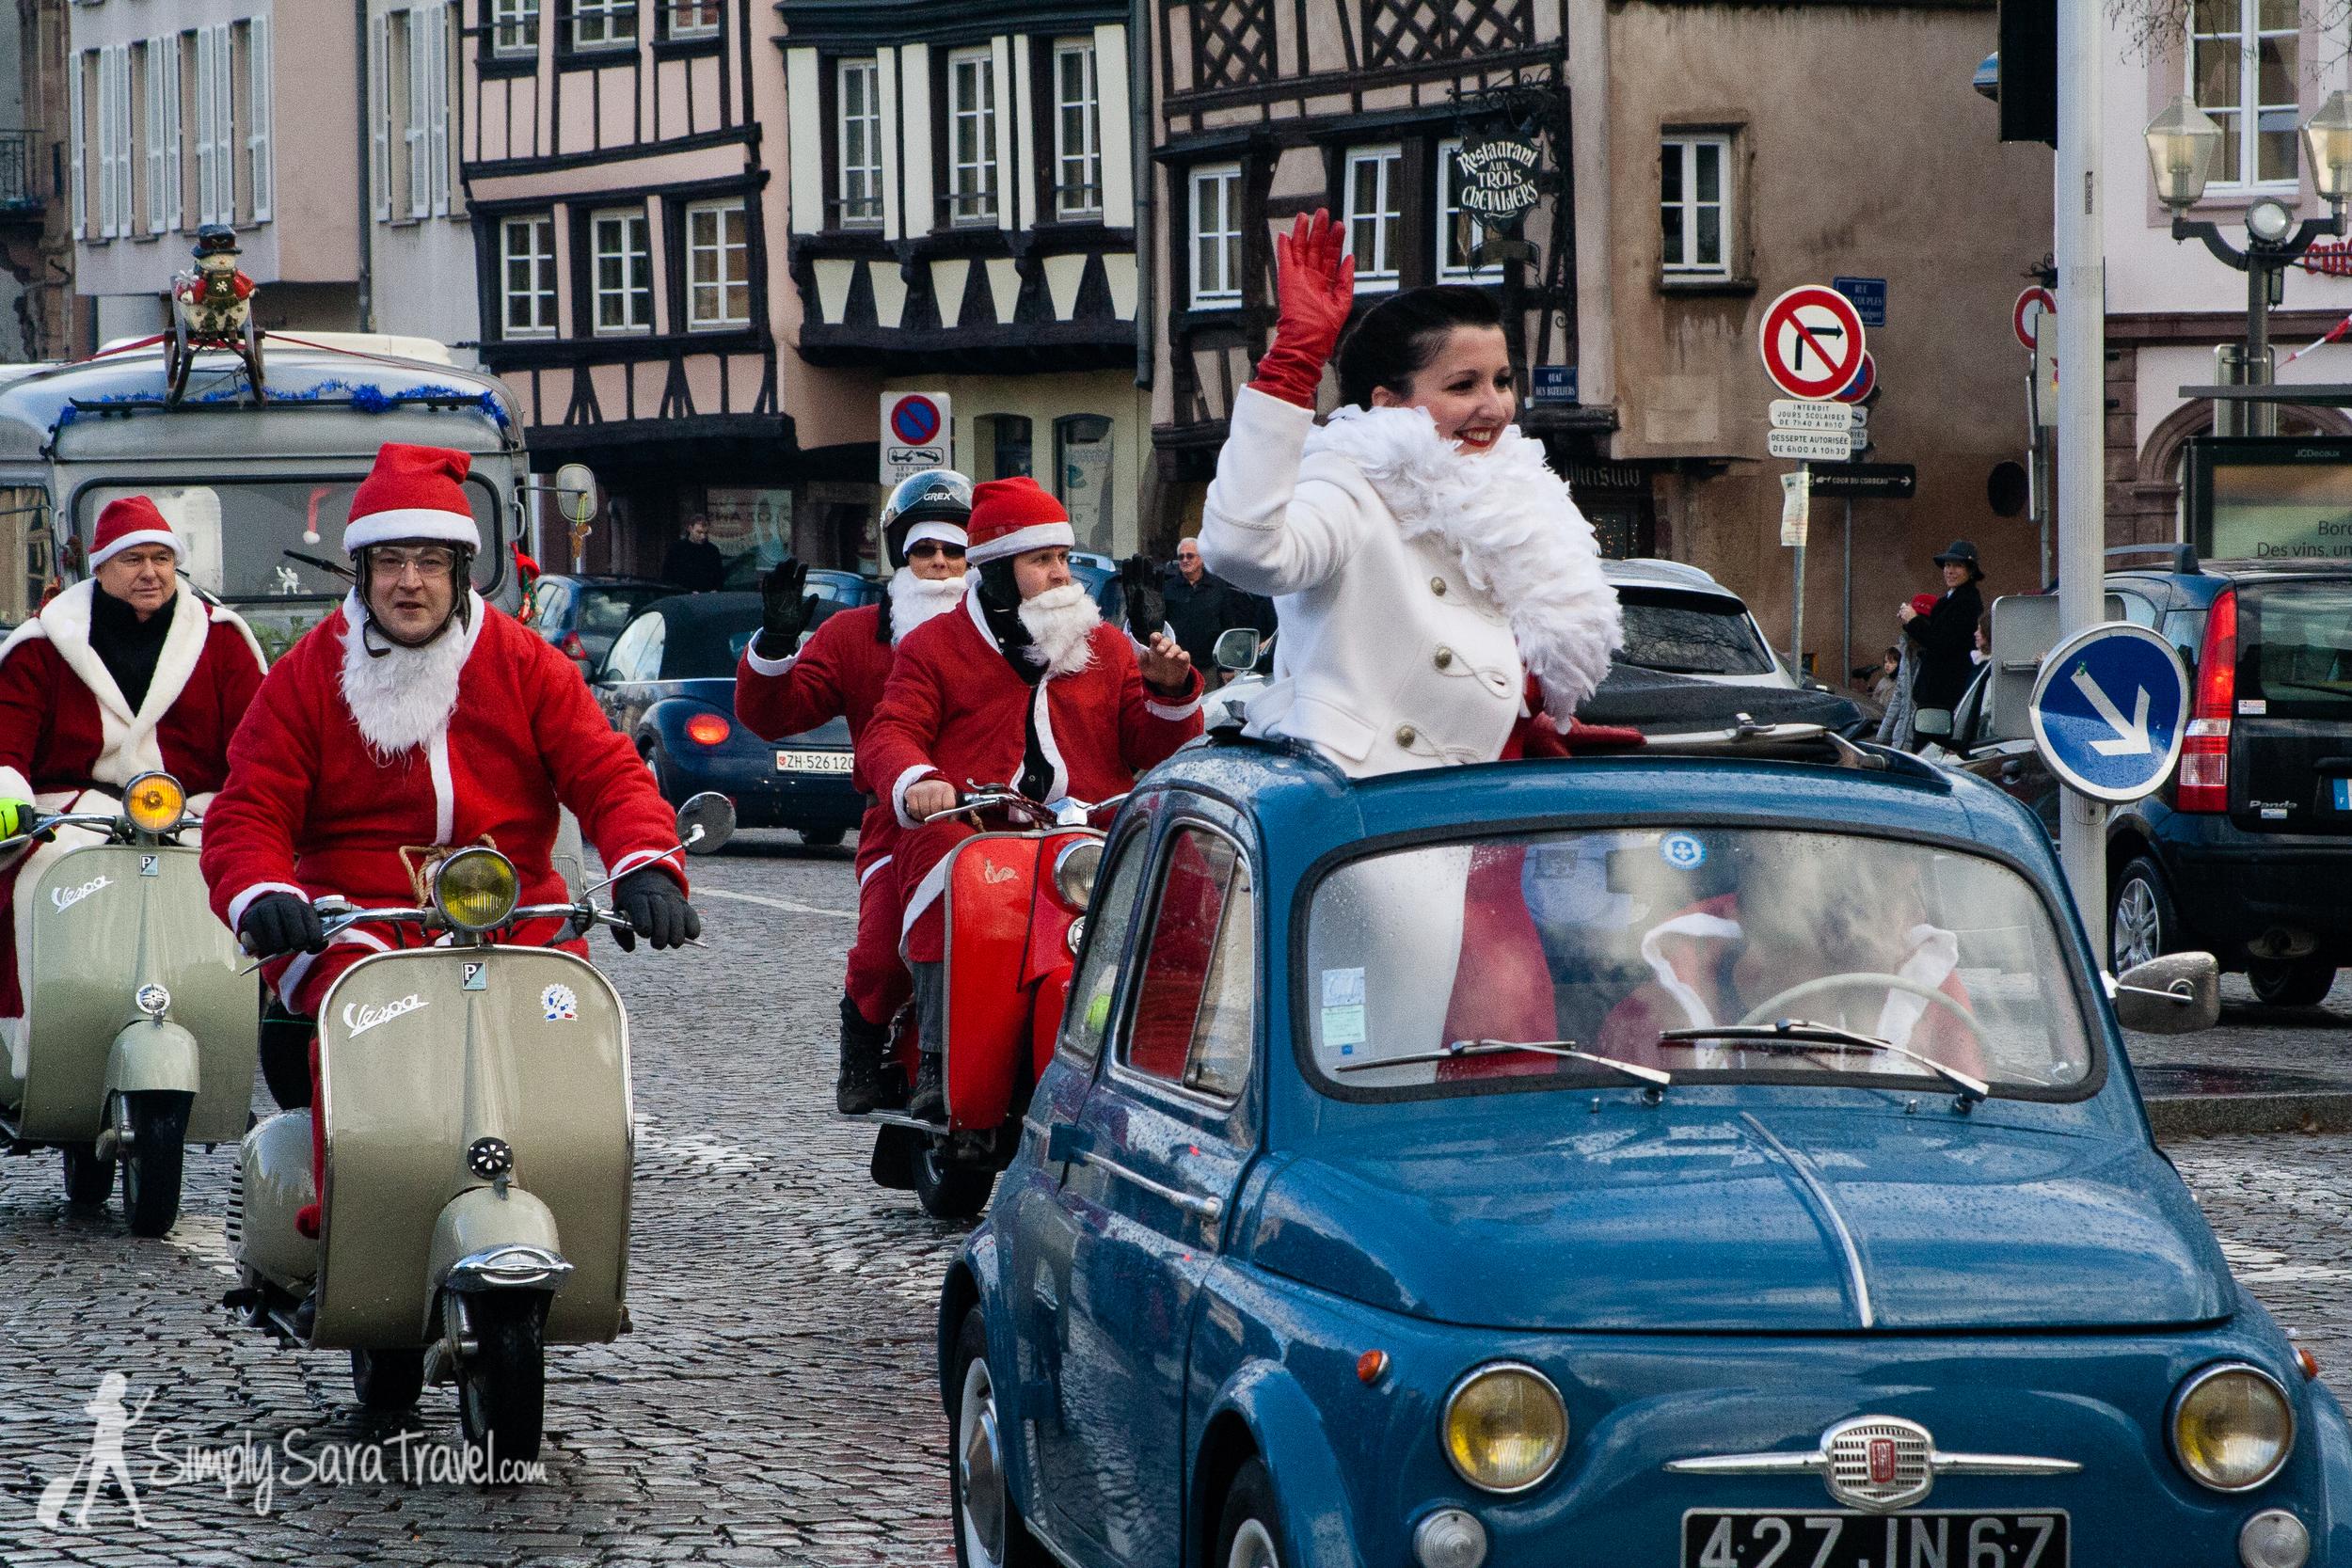 So many Santas in Stra